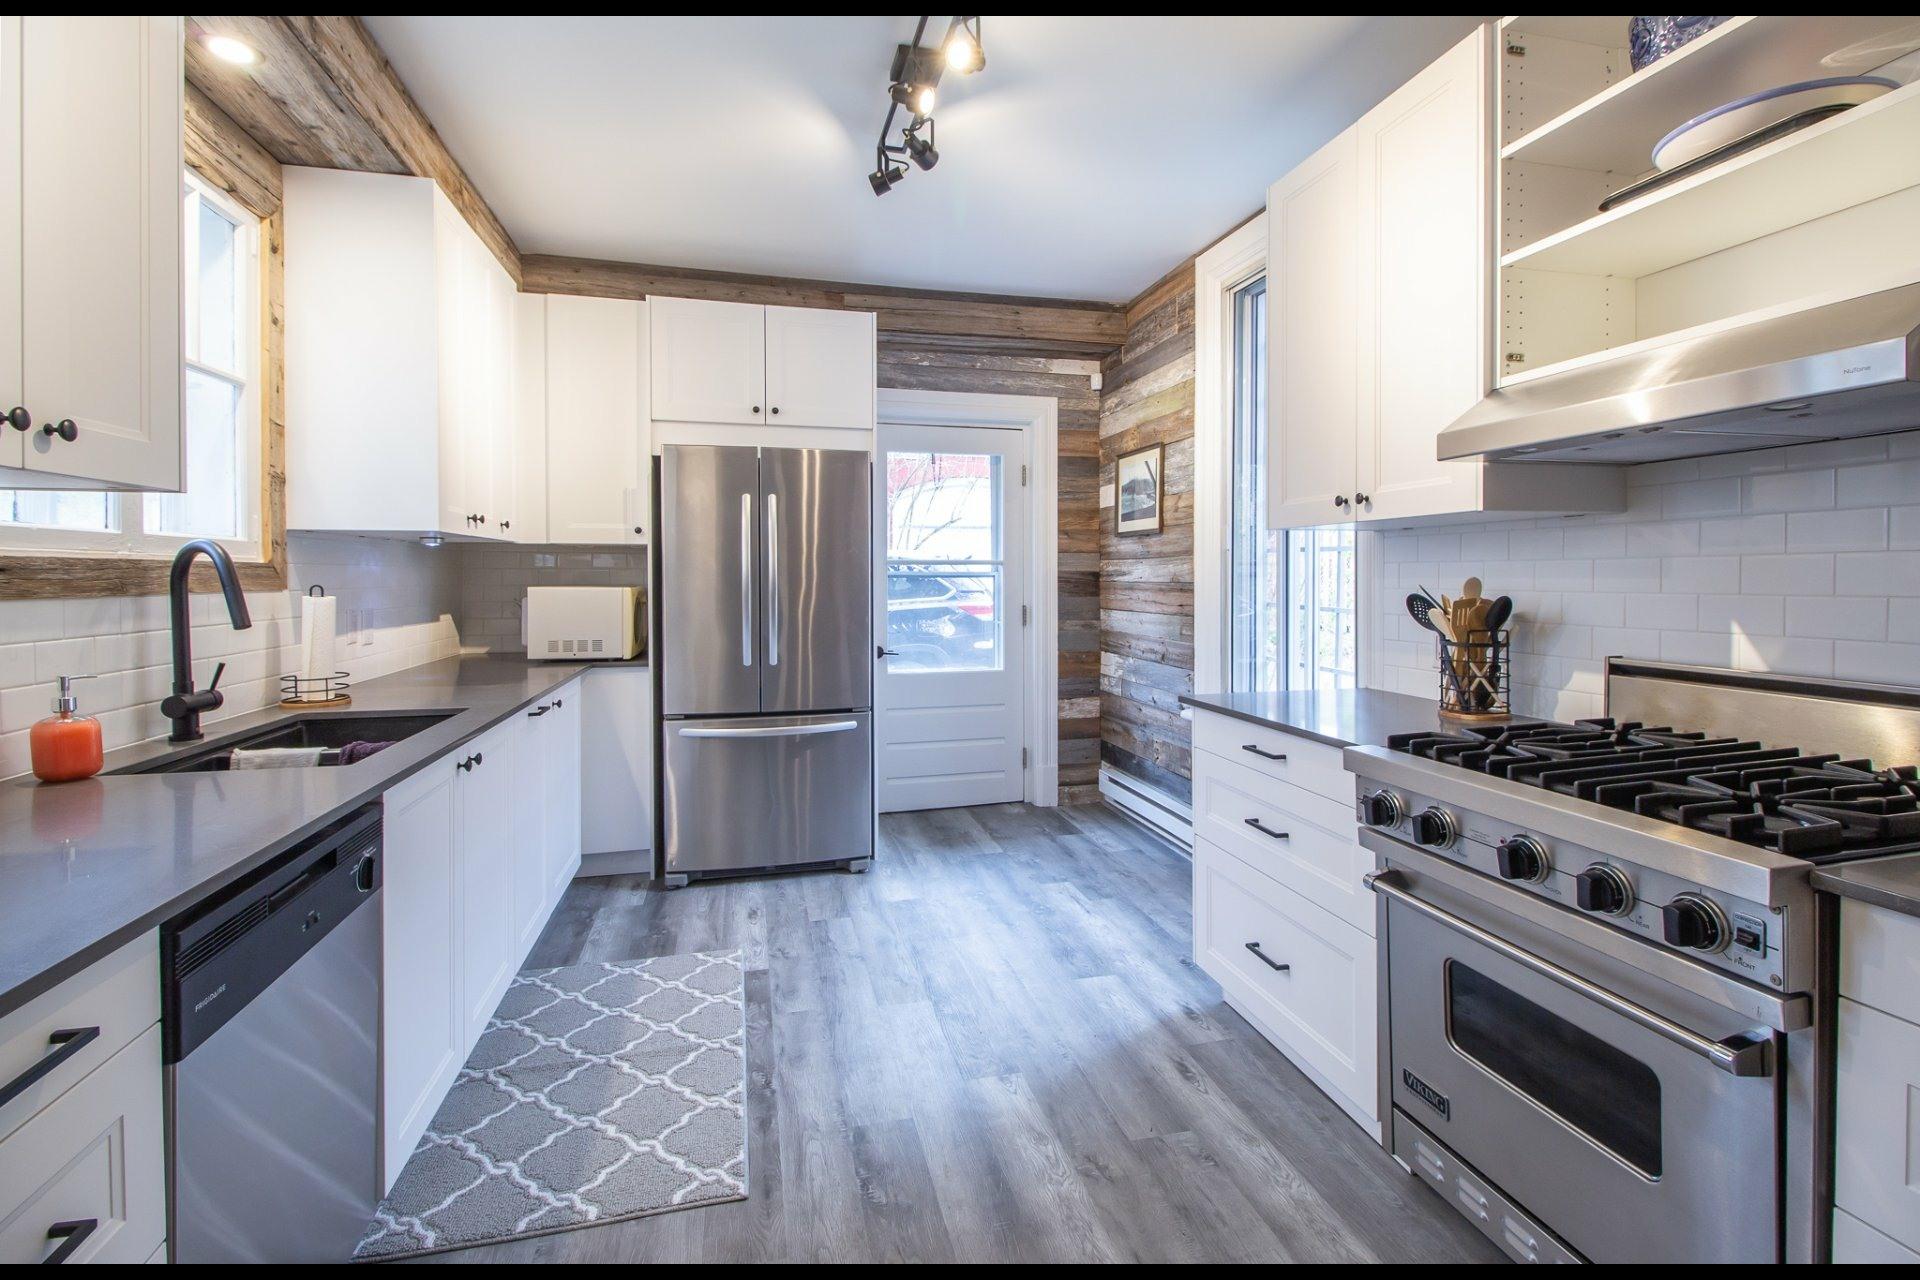 image 4 - House For rent Côte-des-Neiges/Notre-Dame-de-Grâce Montréal  - 8 rooms